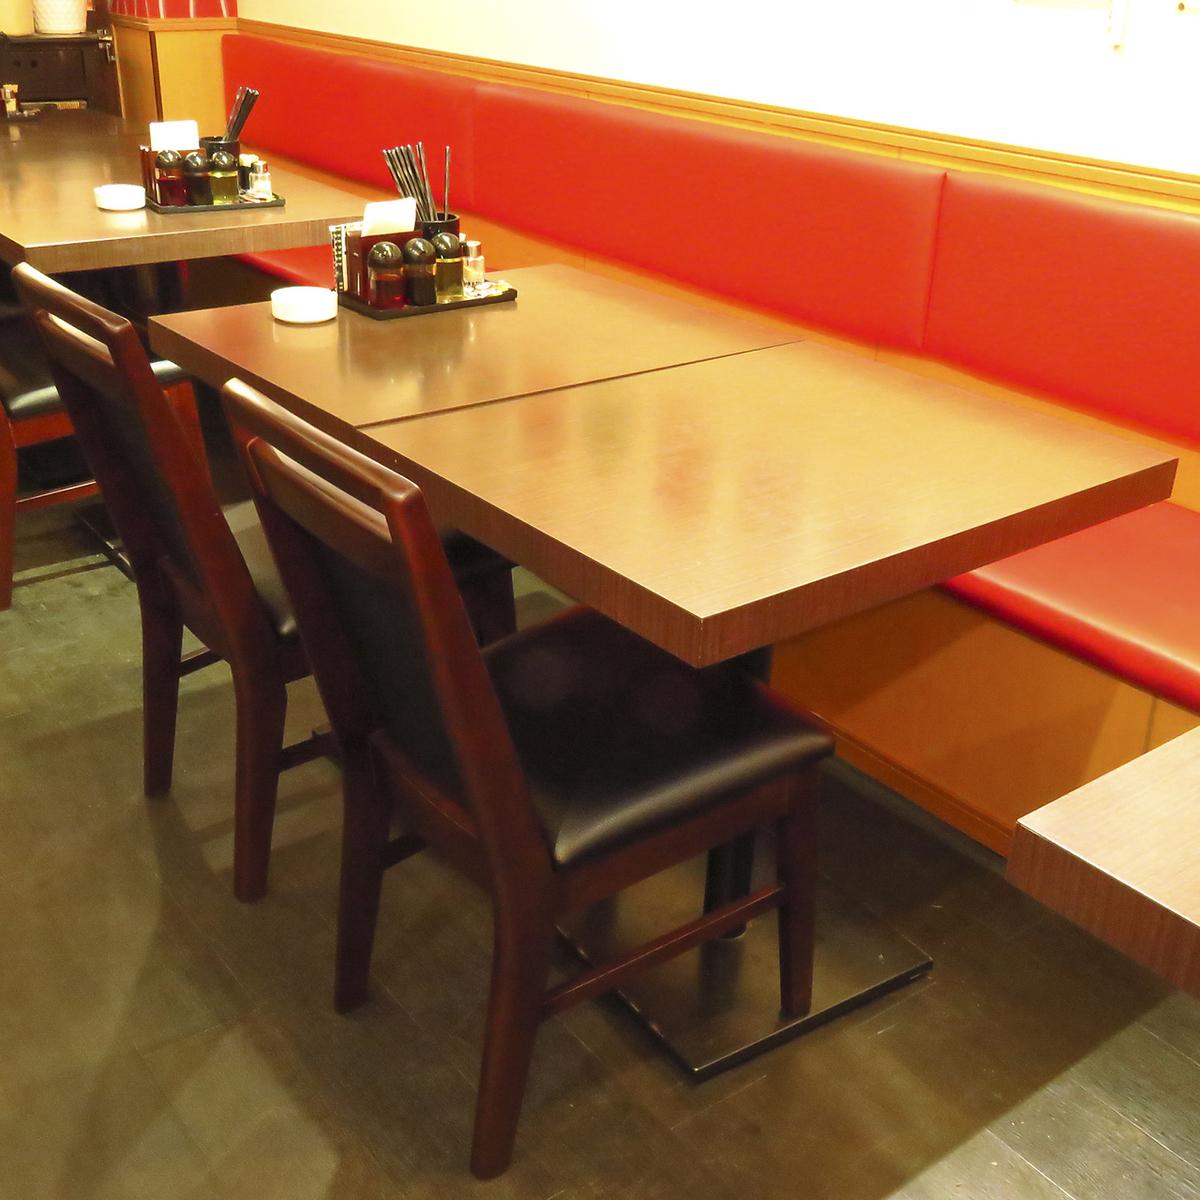 新宿真正的中国菜!所有你可以吃的和所有你可以喝2780日元是最受欢迎的♪新宿×中国×所有你可以吃